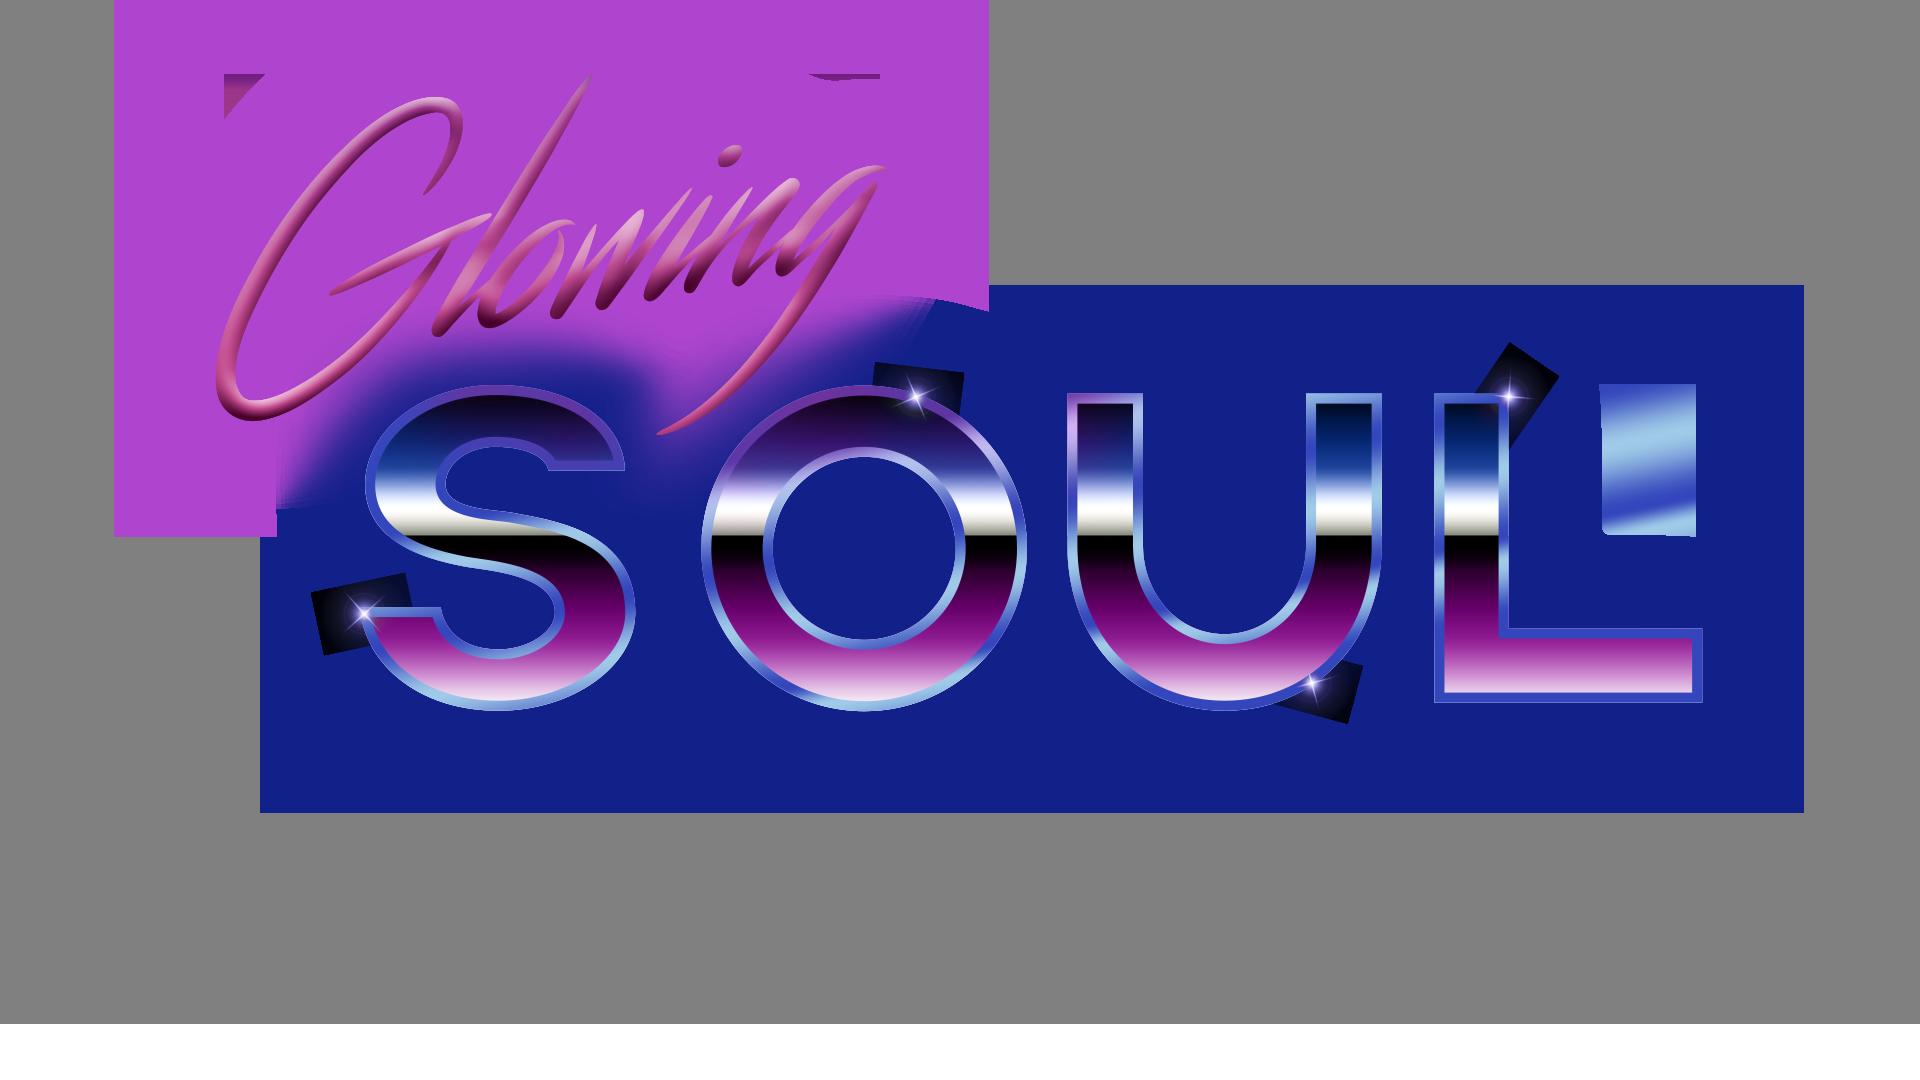 Glowing Soul